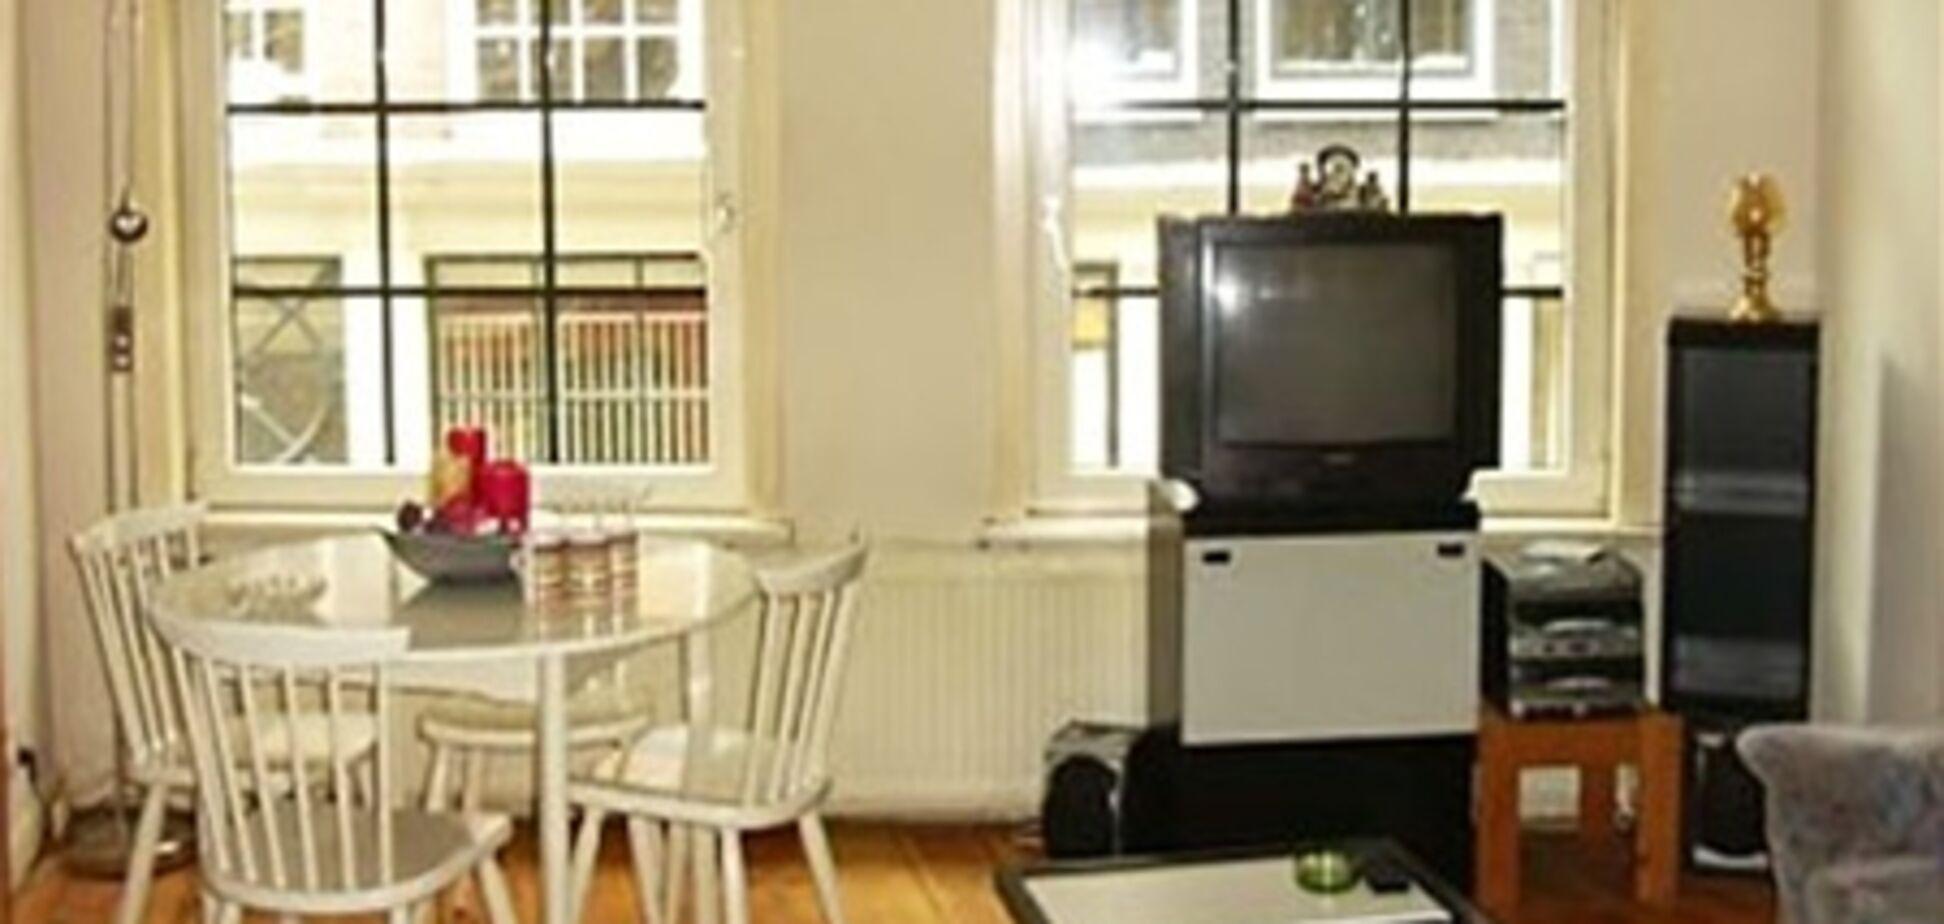 Цены на квартиры в Киеве стабилизировались